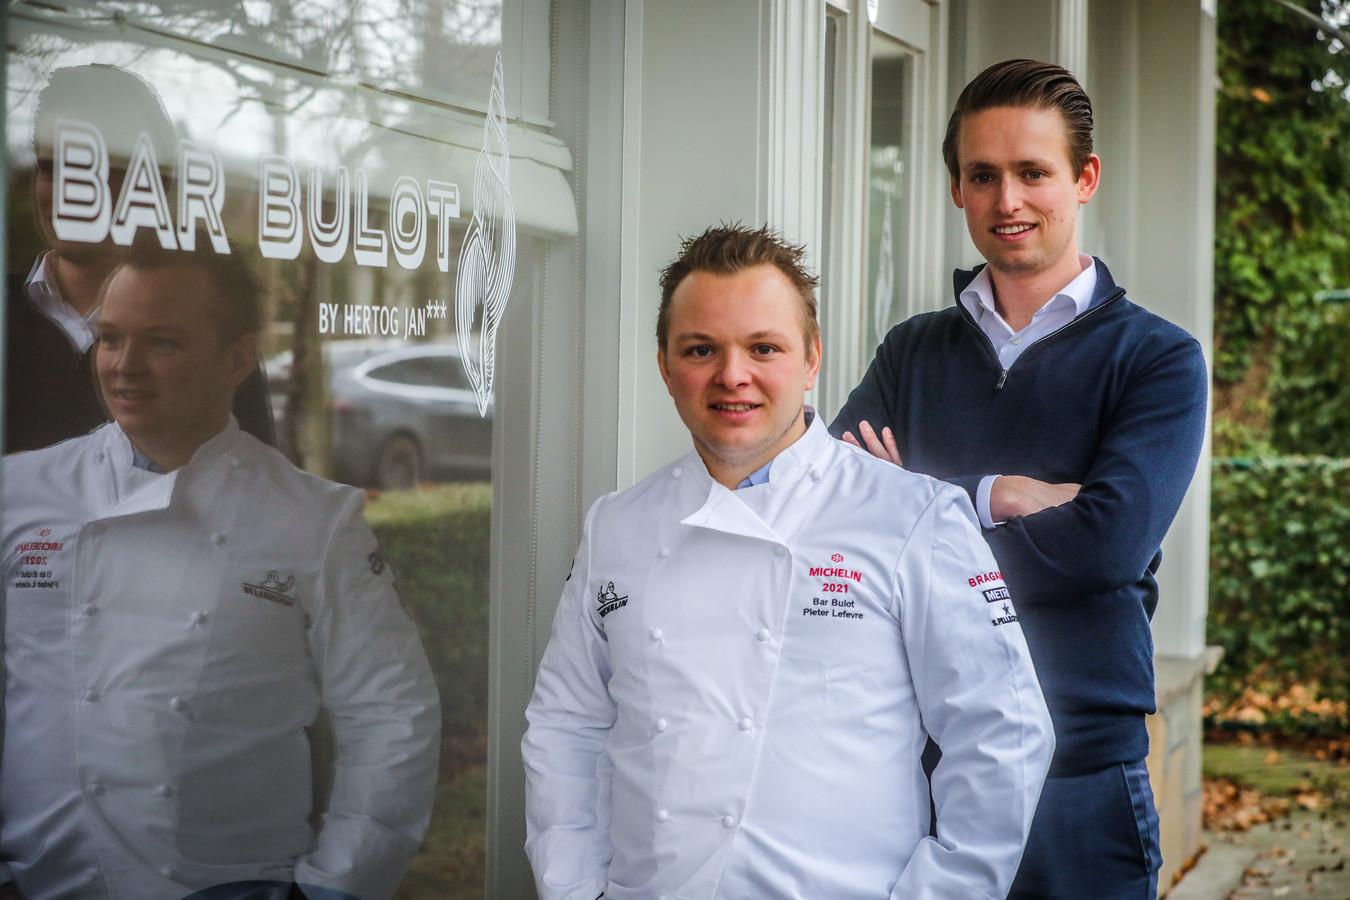 Bar Bulot kan eindelijk haar Michelinster tonen: op de foto de chef en maitre: Pieter Lefevere en Maxime Depreitere